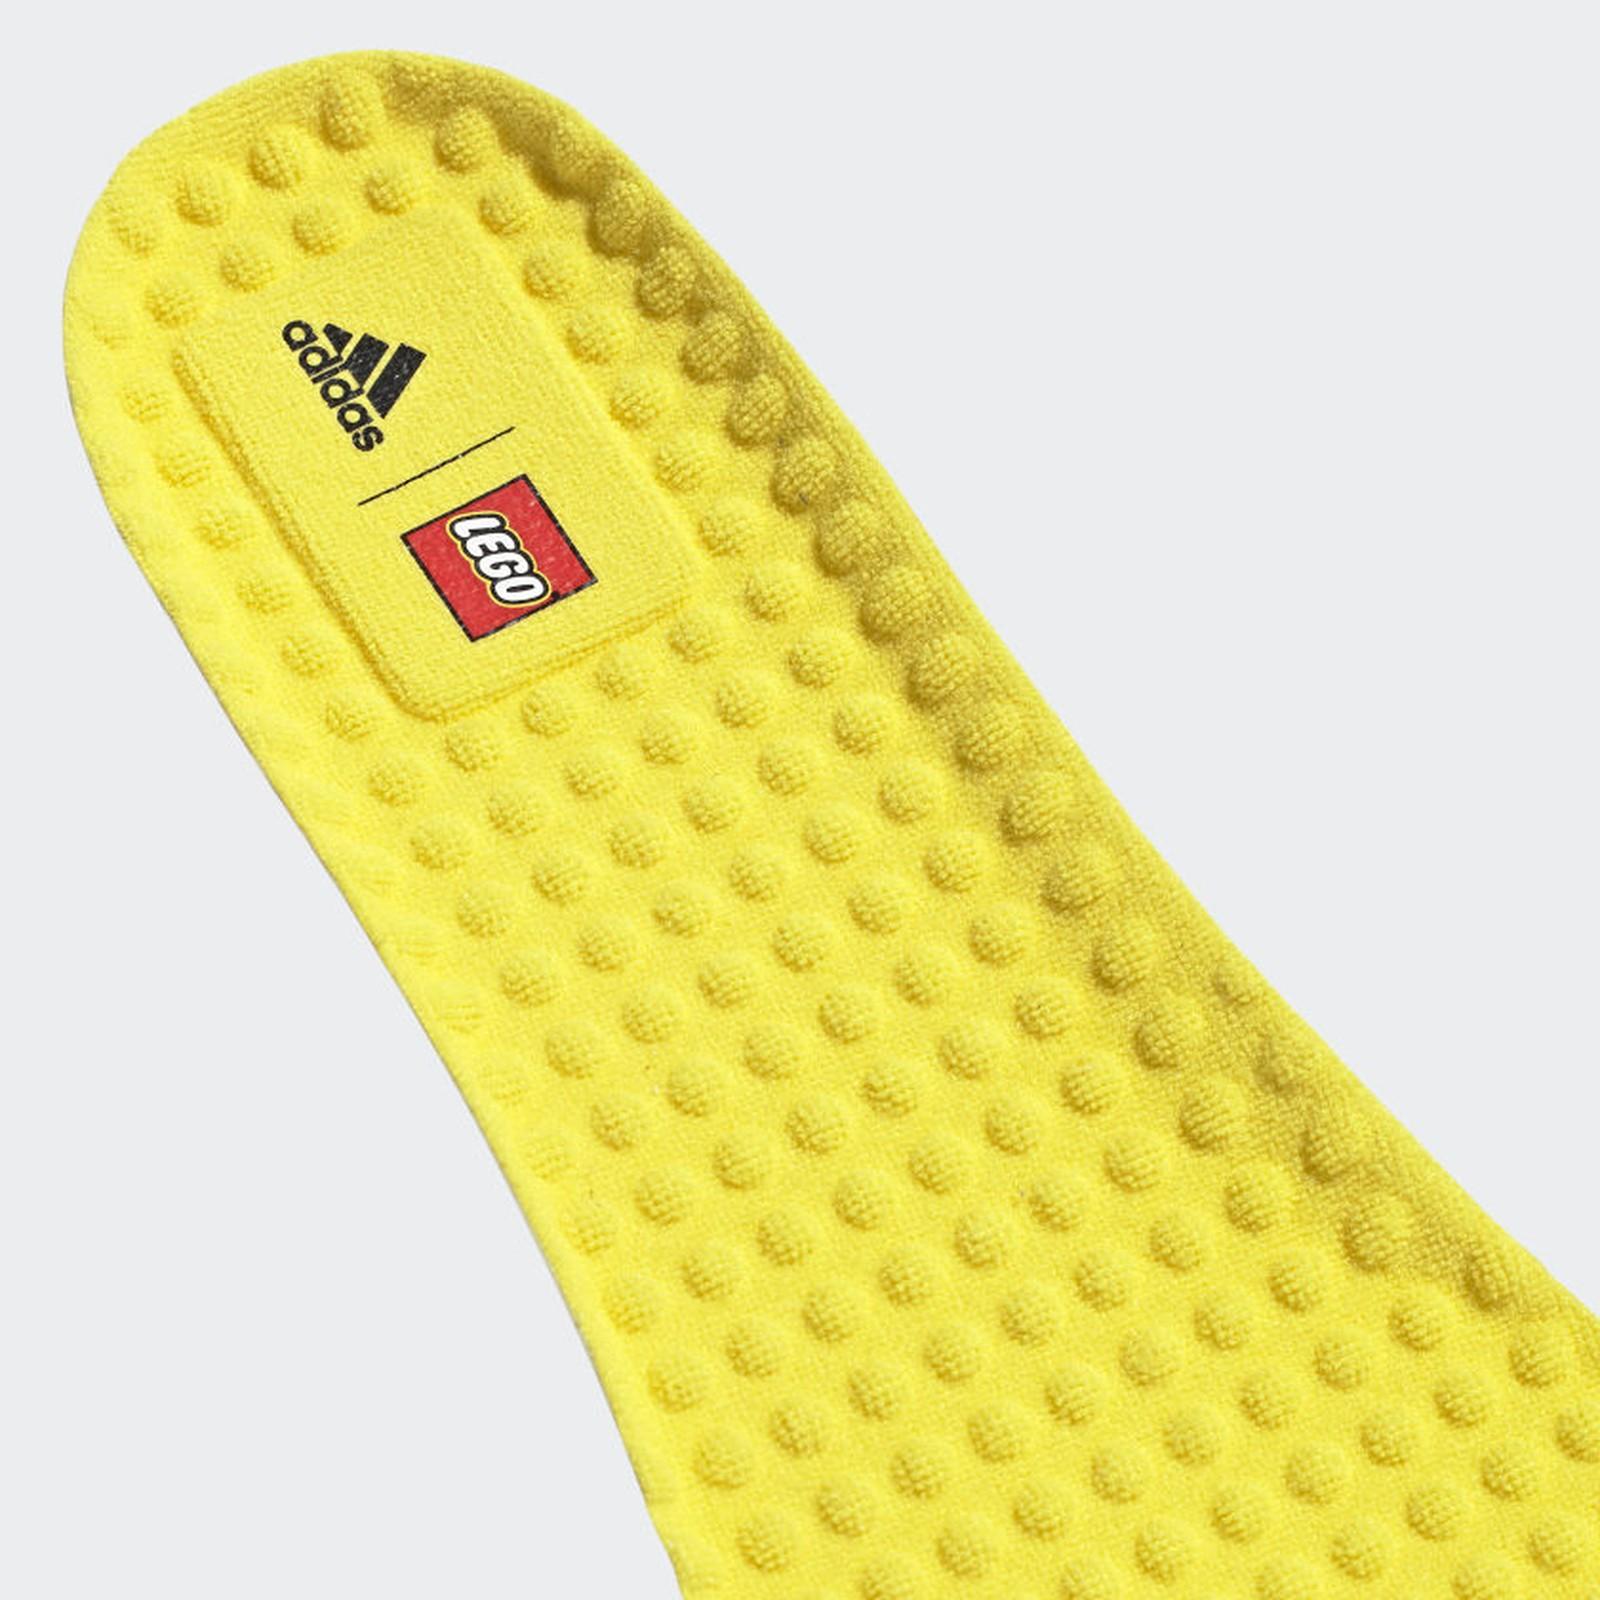 adidas-lego-2-dtf-magazine--10